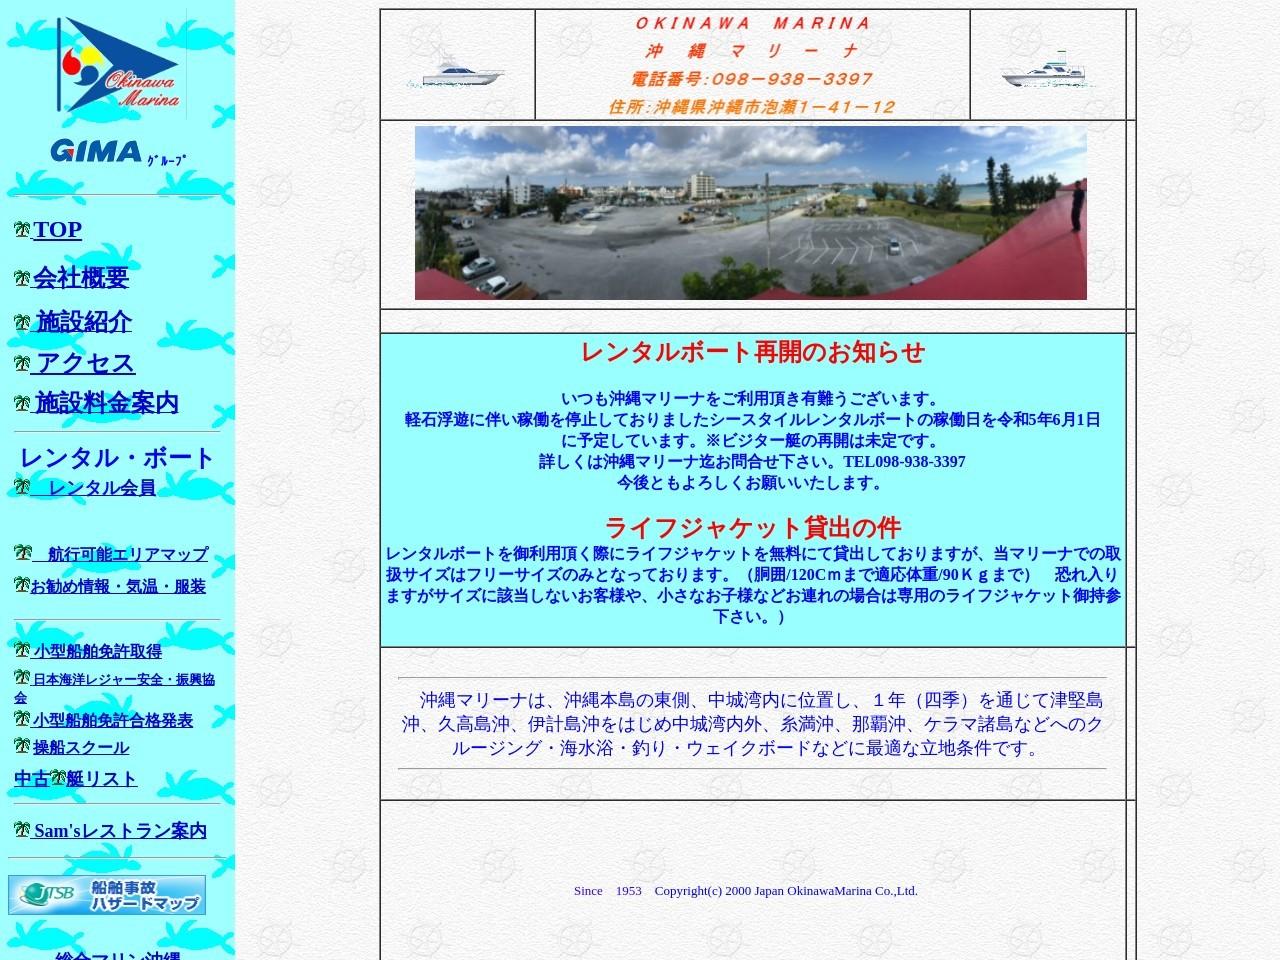 株式会社沖縄マリーナ